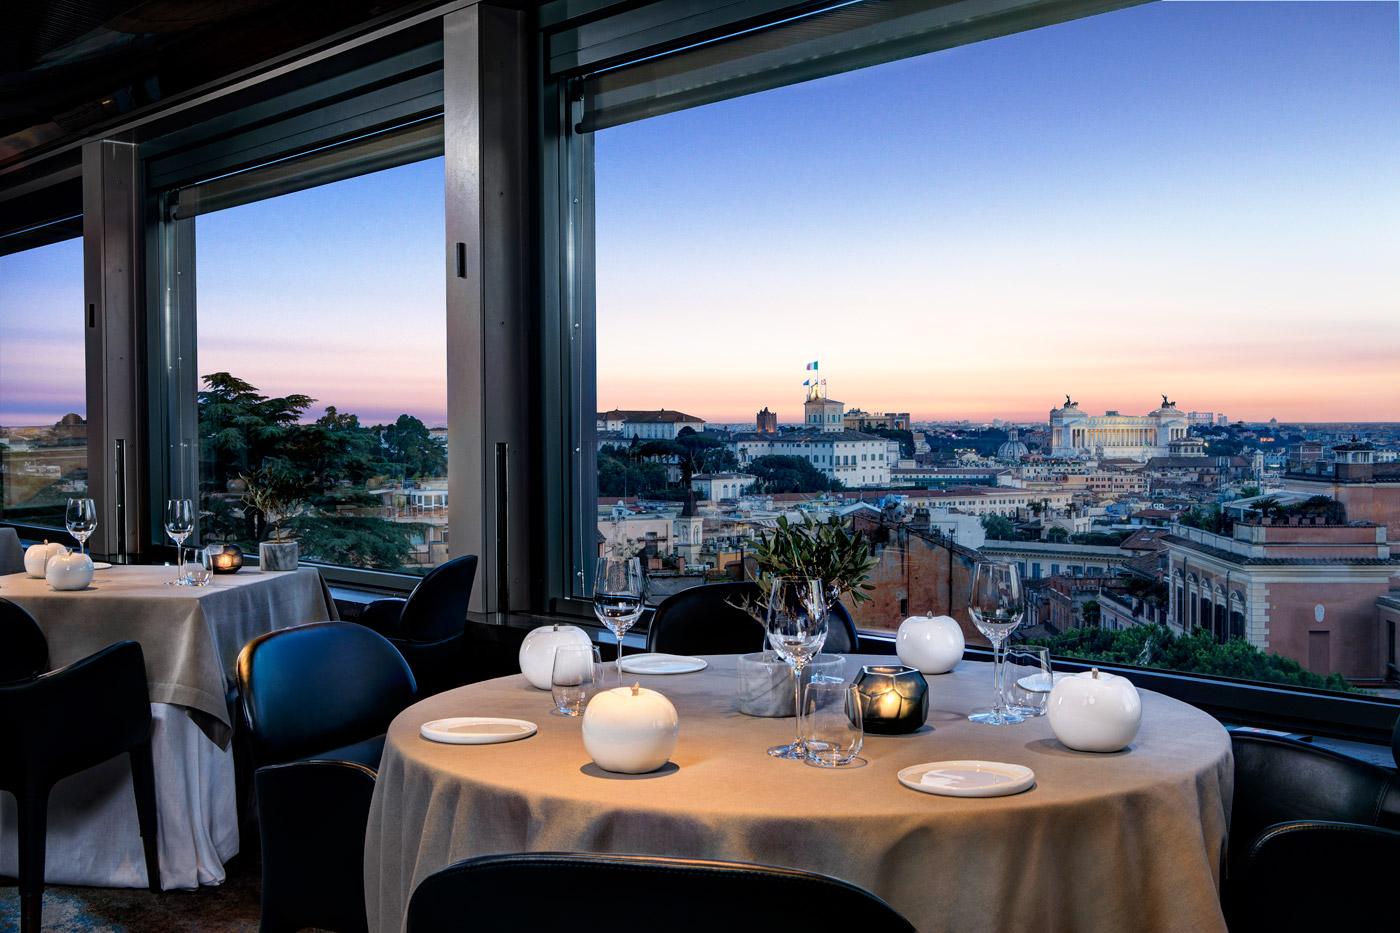 The Michelin-starred La Terrazza restaurant.